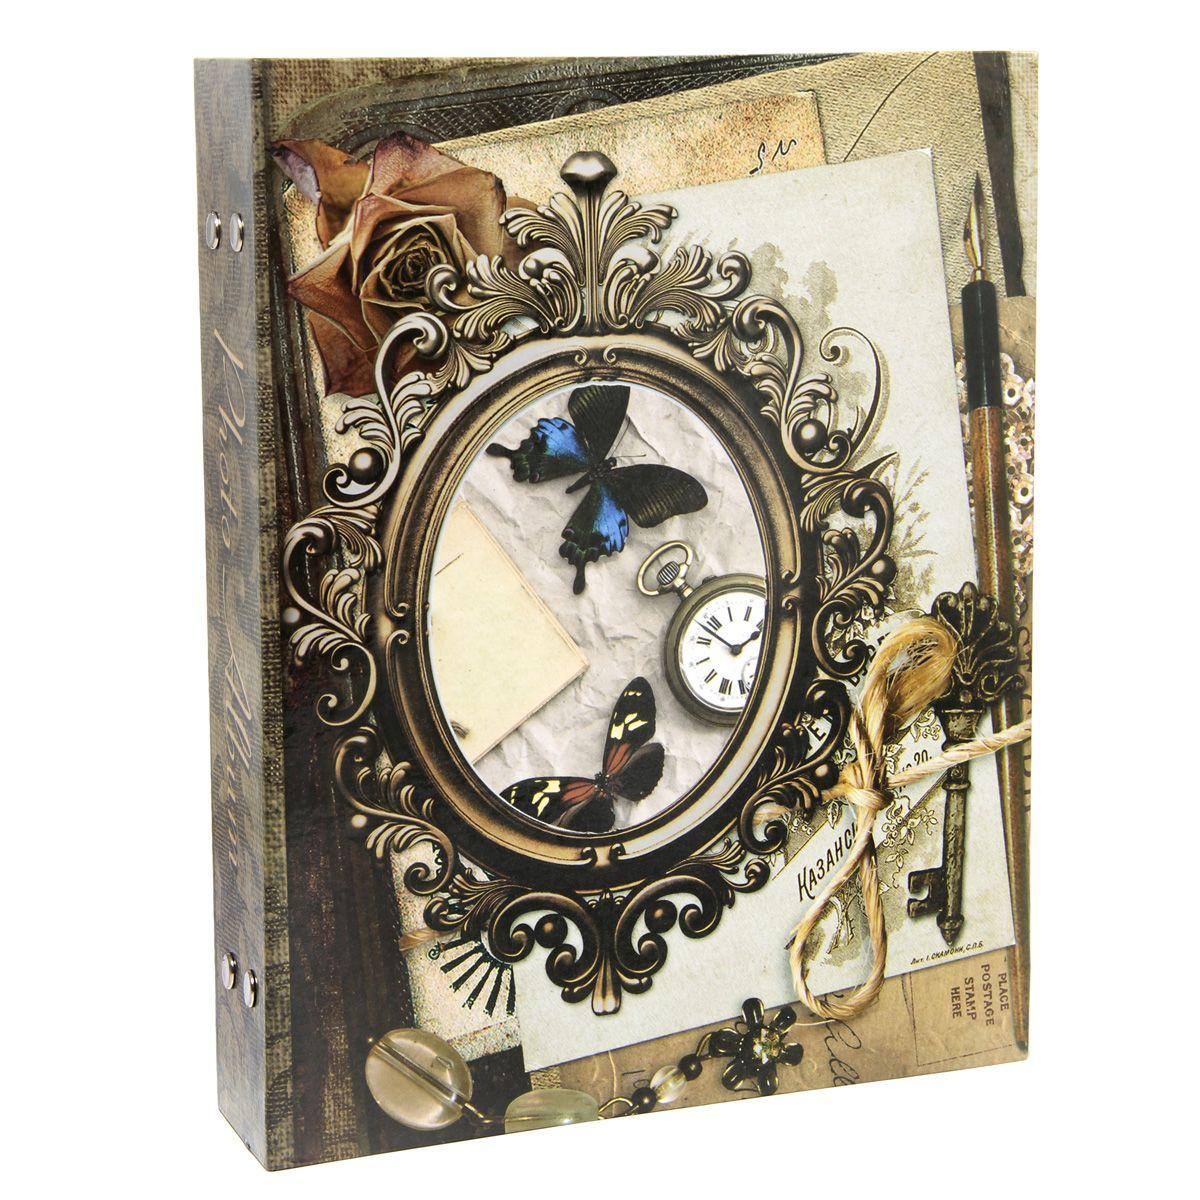 Фотоальбом Pioneer Time To Remember, 200 фотографий, 10 х 15 см. 46484 PP-4620046484 PP-46200Альбом для фотографий формата 10х15 см. Тип обложки: картон. Тип листов: полипропиленовые. Тип переплета: термосварка. Материалы, использованные в изготовлении альбома, обеспечивают высокое качество хранения Ваших фотографий, поэтому фотографии не желтеют со временем.